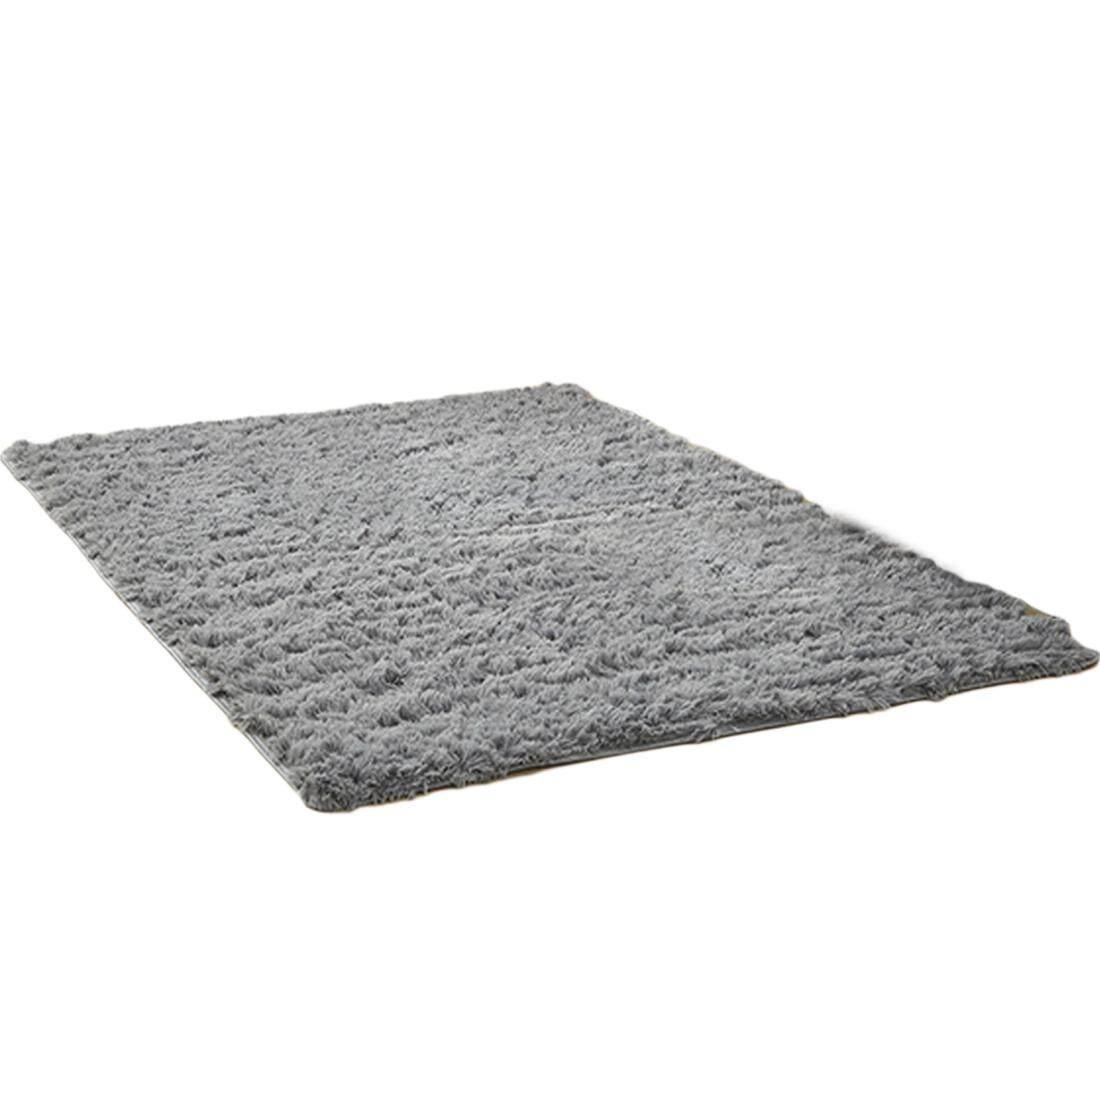 Detail Gambar Shaggy Karpet Luas Empuk Tikar Lantai Lembut Anti Selip Karpet 160*200 Cm-Intl Terbaru